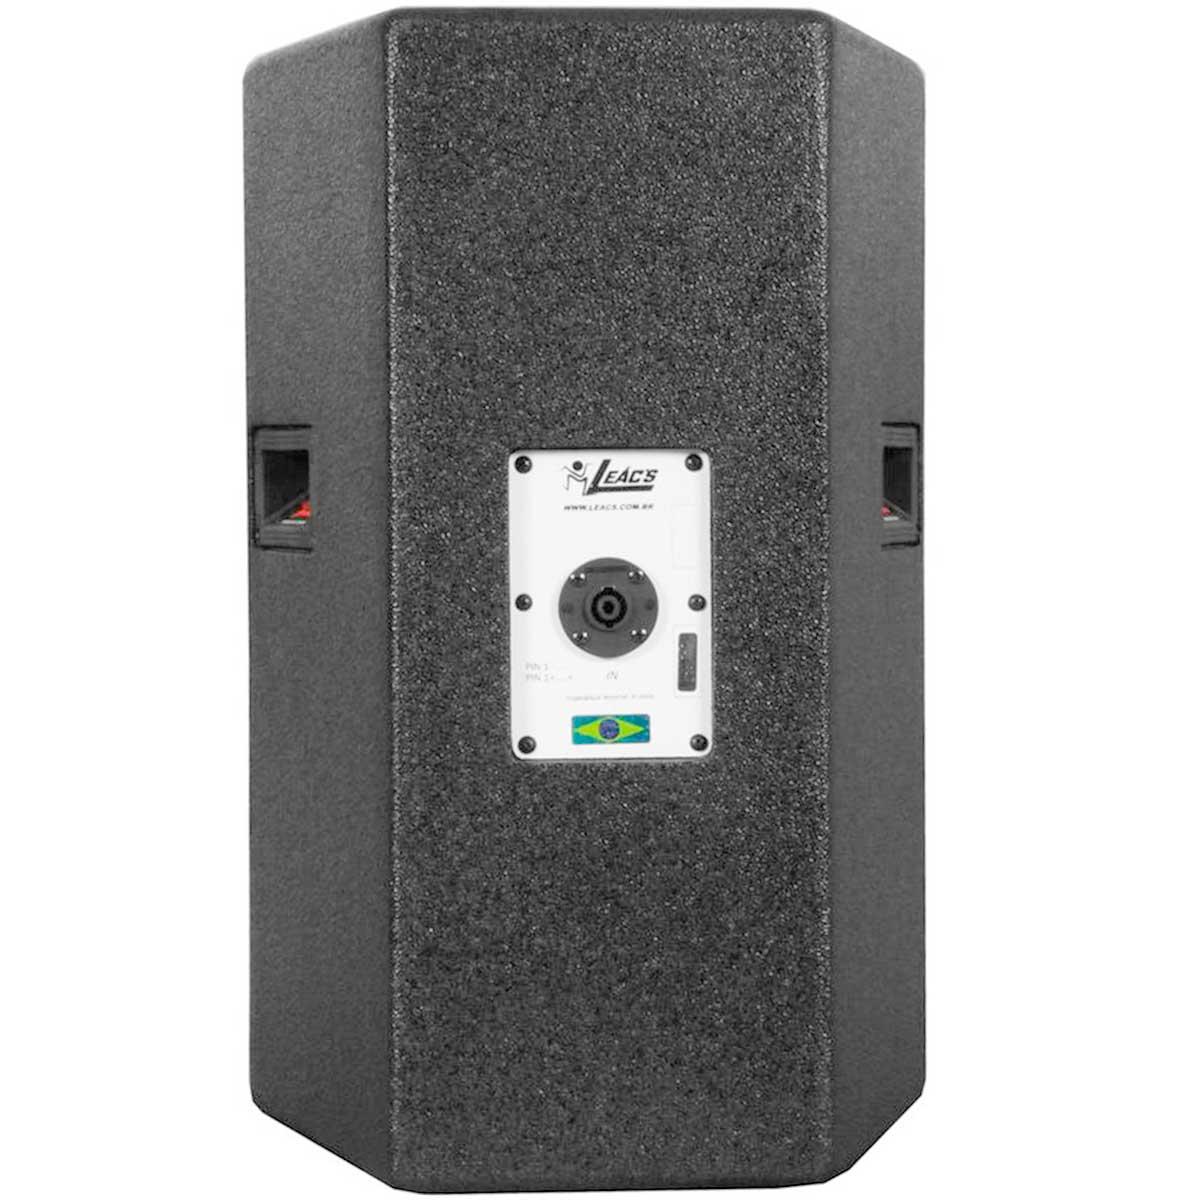 Pulps550 - Caixa Passiva 200W Pulps 550 - Leacs